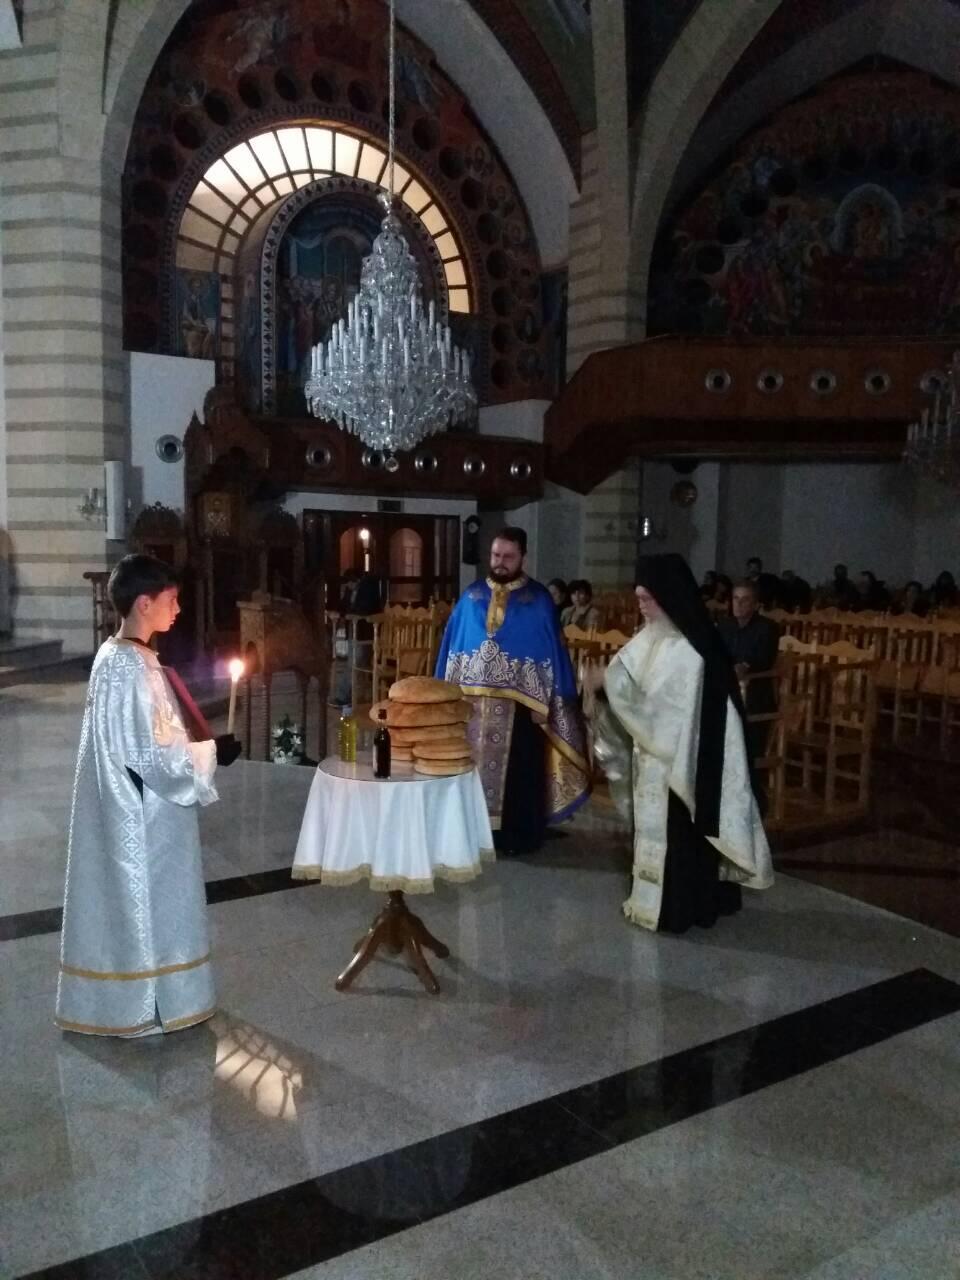 Ιερά Αγρυπνία στον Ιερό Ναό των Αγίων Κωνσταντίνου και Ελένης Τσερίου Λευκωσίας